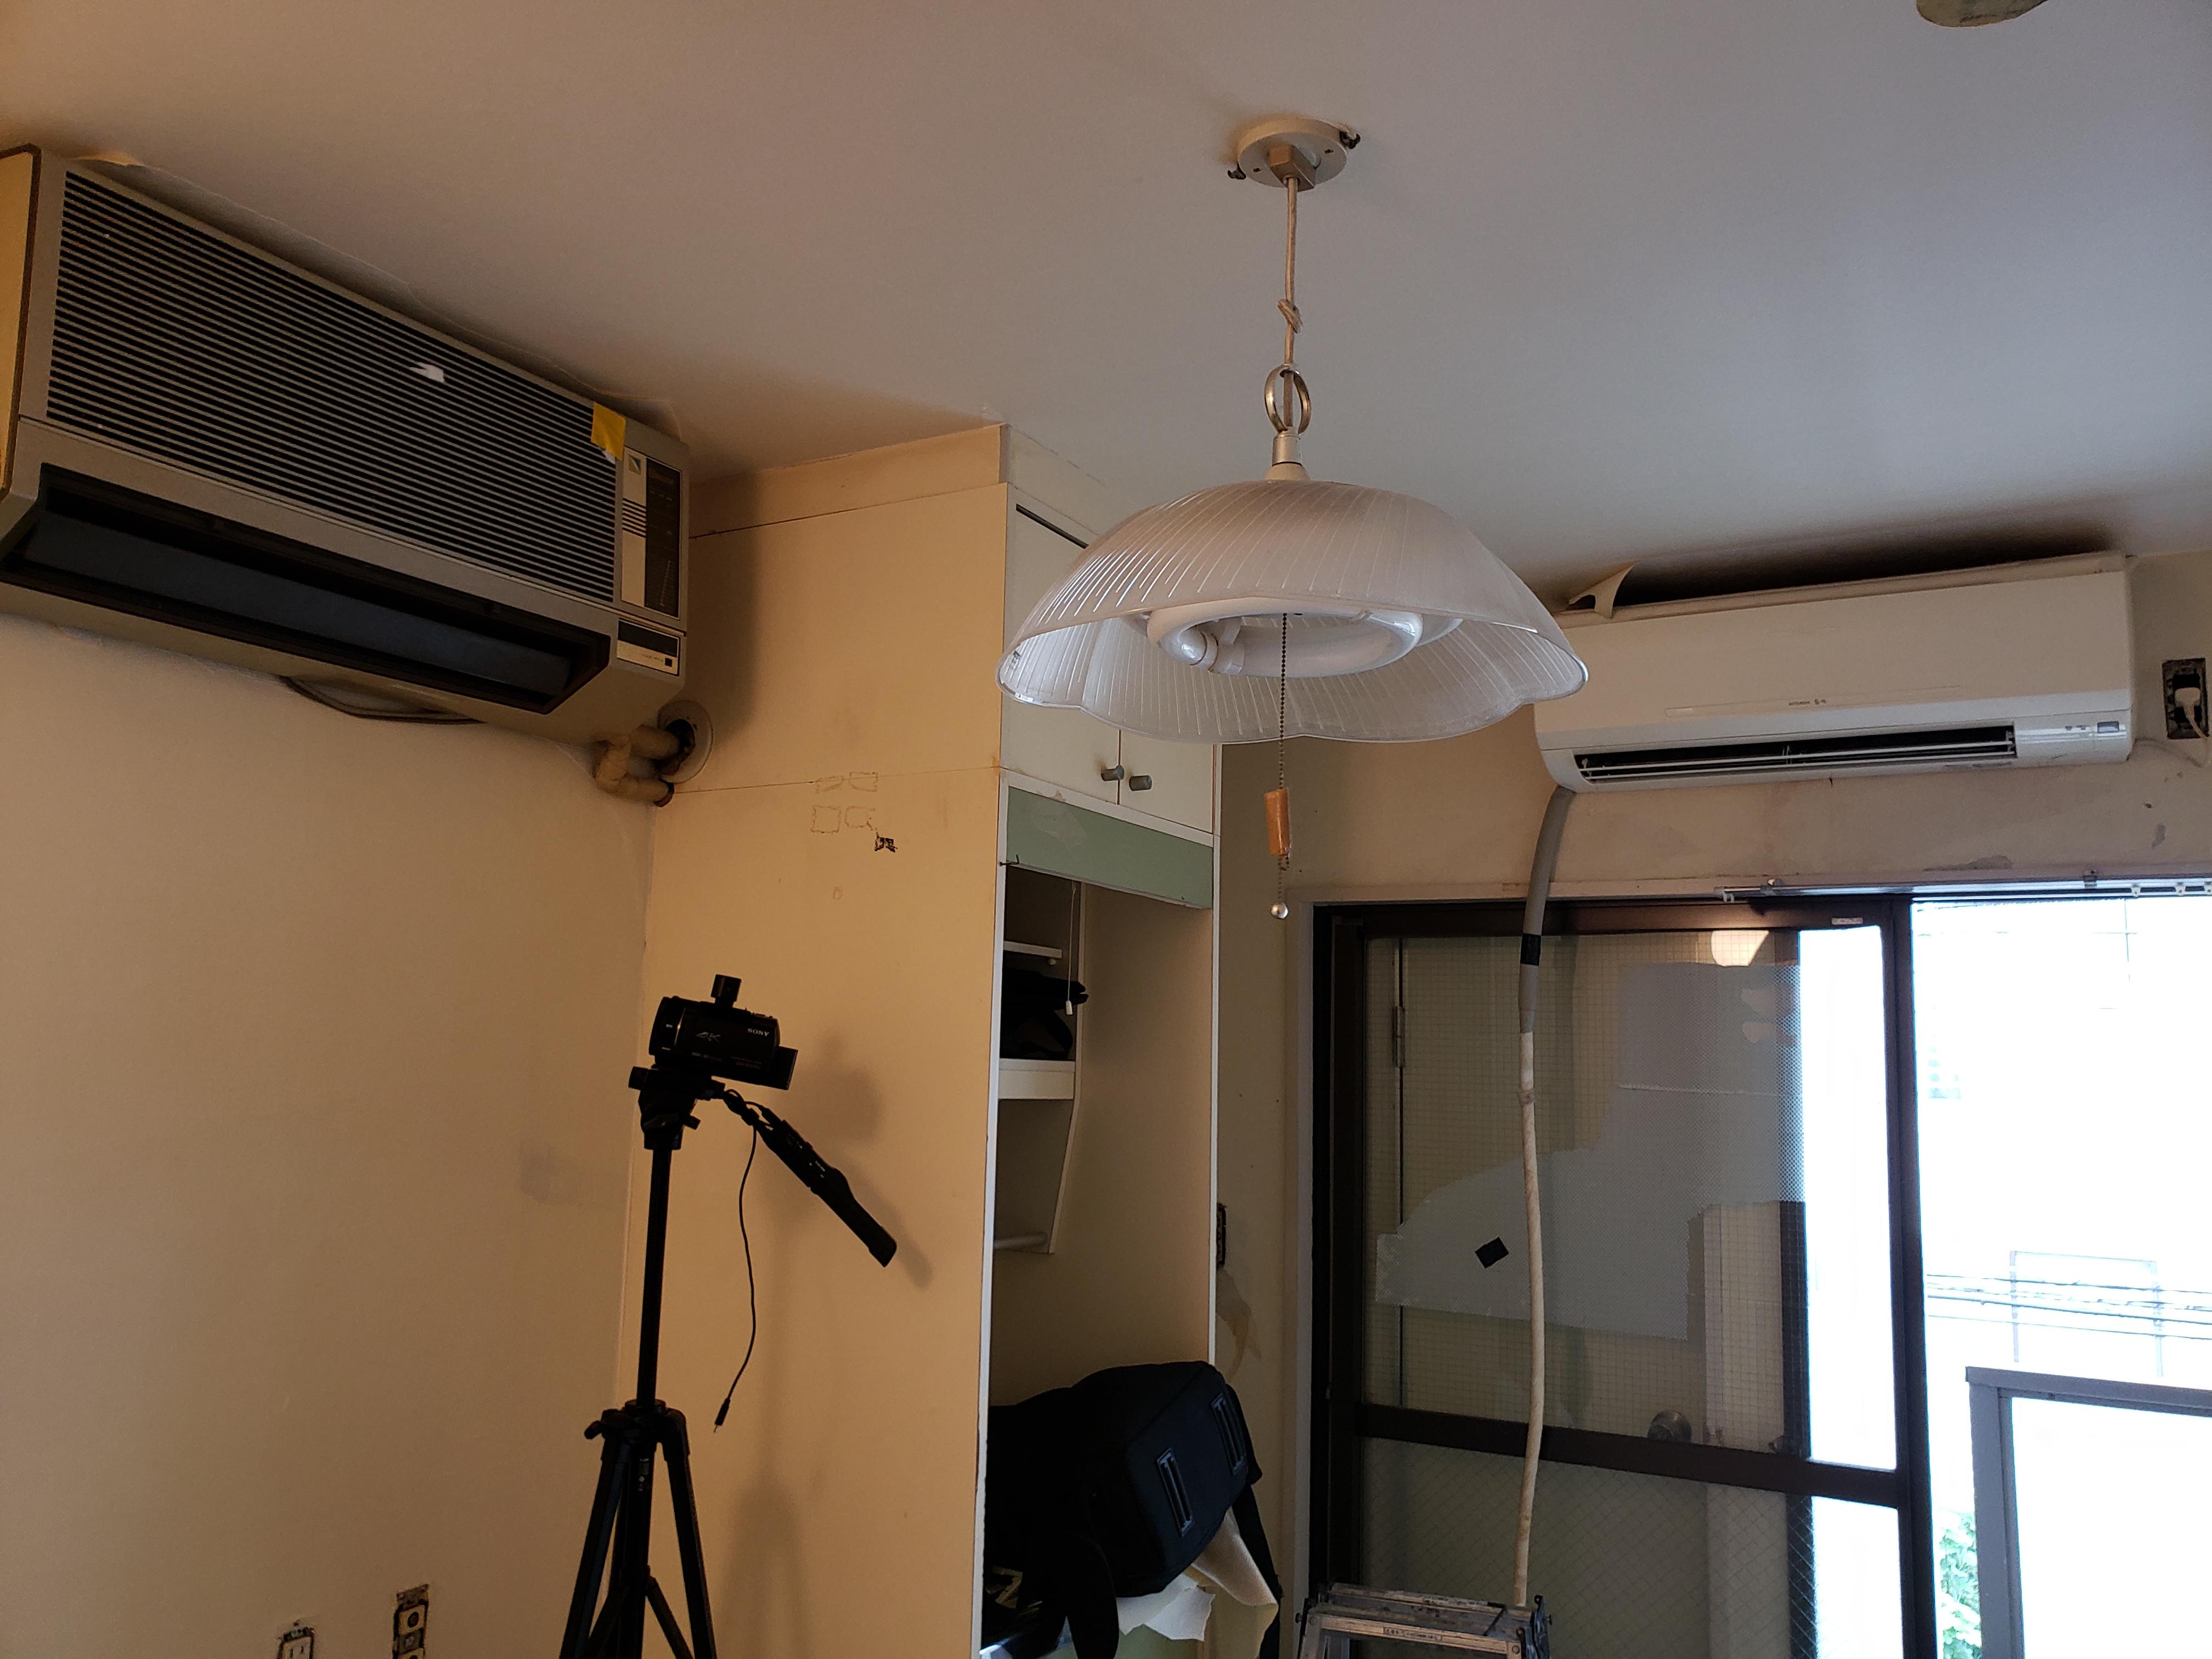 今回は東京都新宿百人町の現場です。4.5畳広さのワンルームにエアコンが2個??異様な風景^^